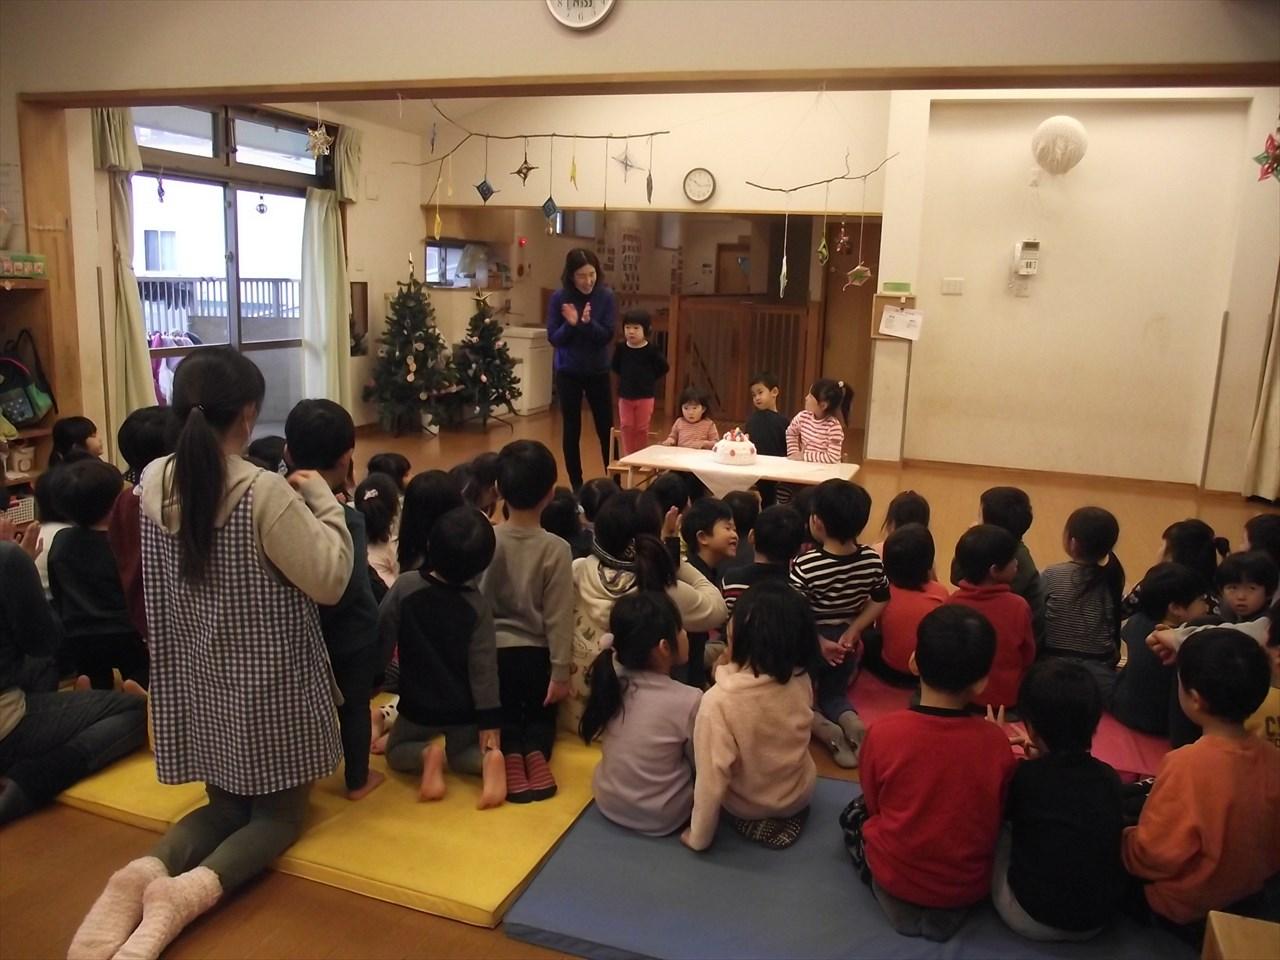 今日はみかん組もかりん組も参加してのお誕生会&クリスマス会を行いました。